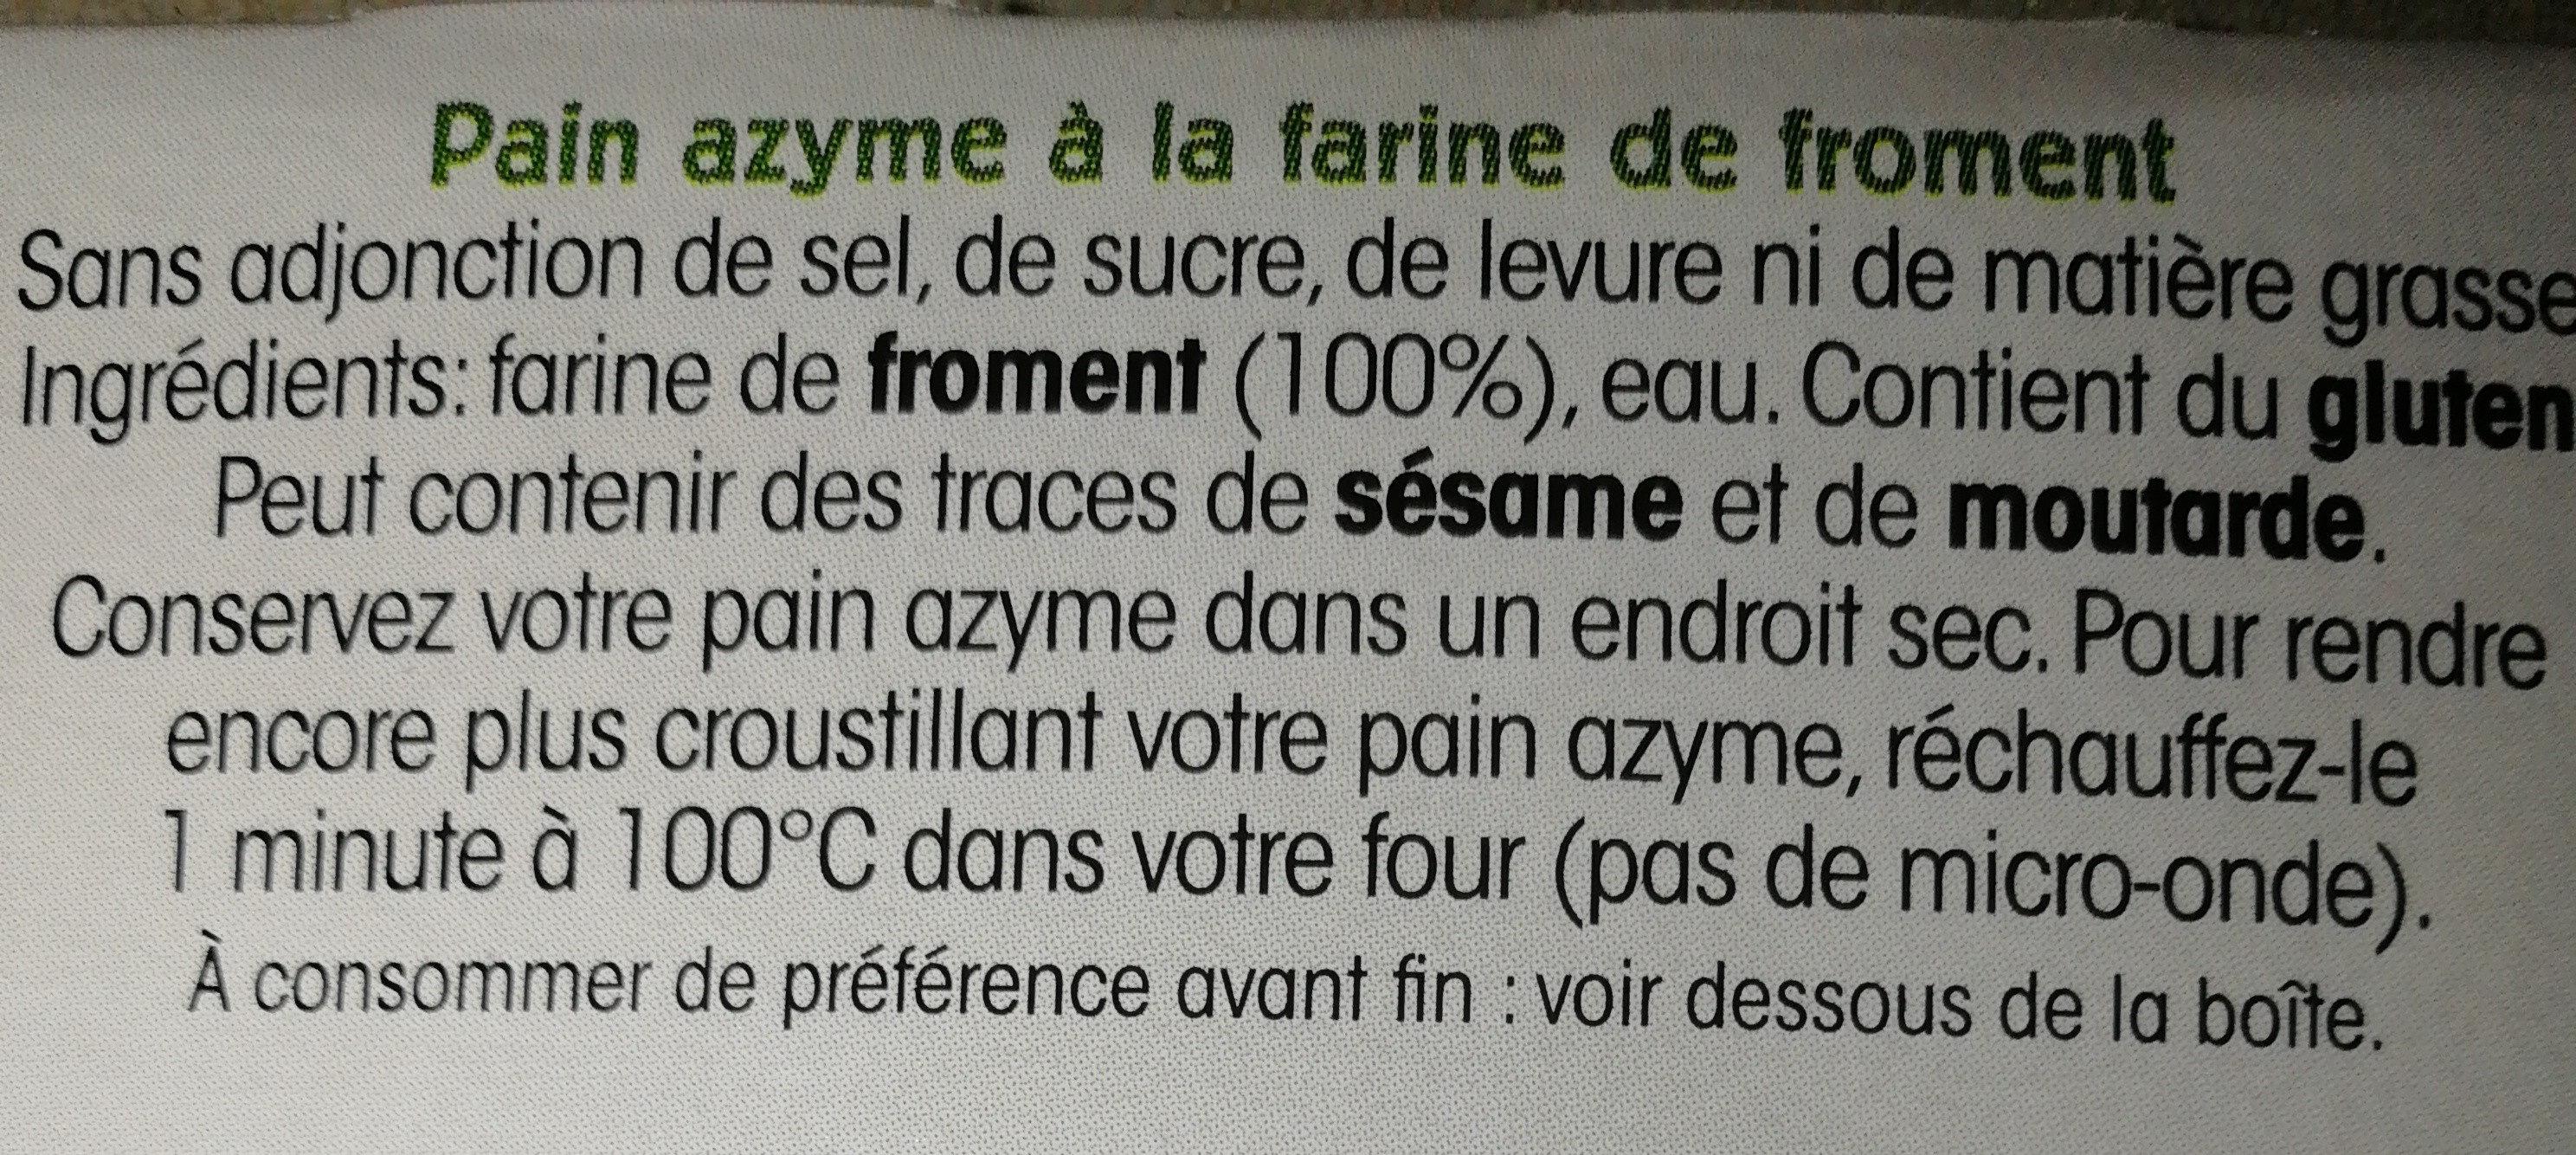 Pain Azyme Froment Paul Heumann - Ingrédients - fr